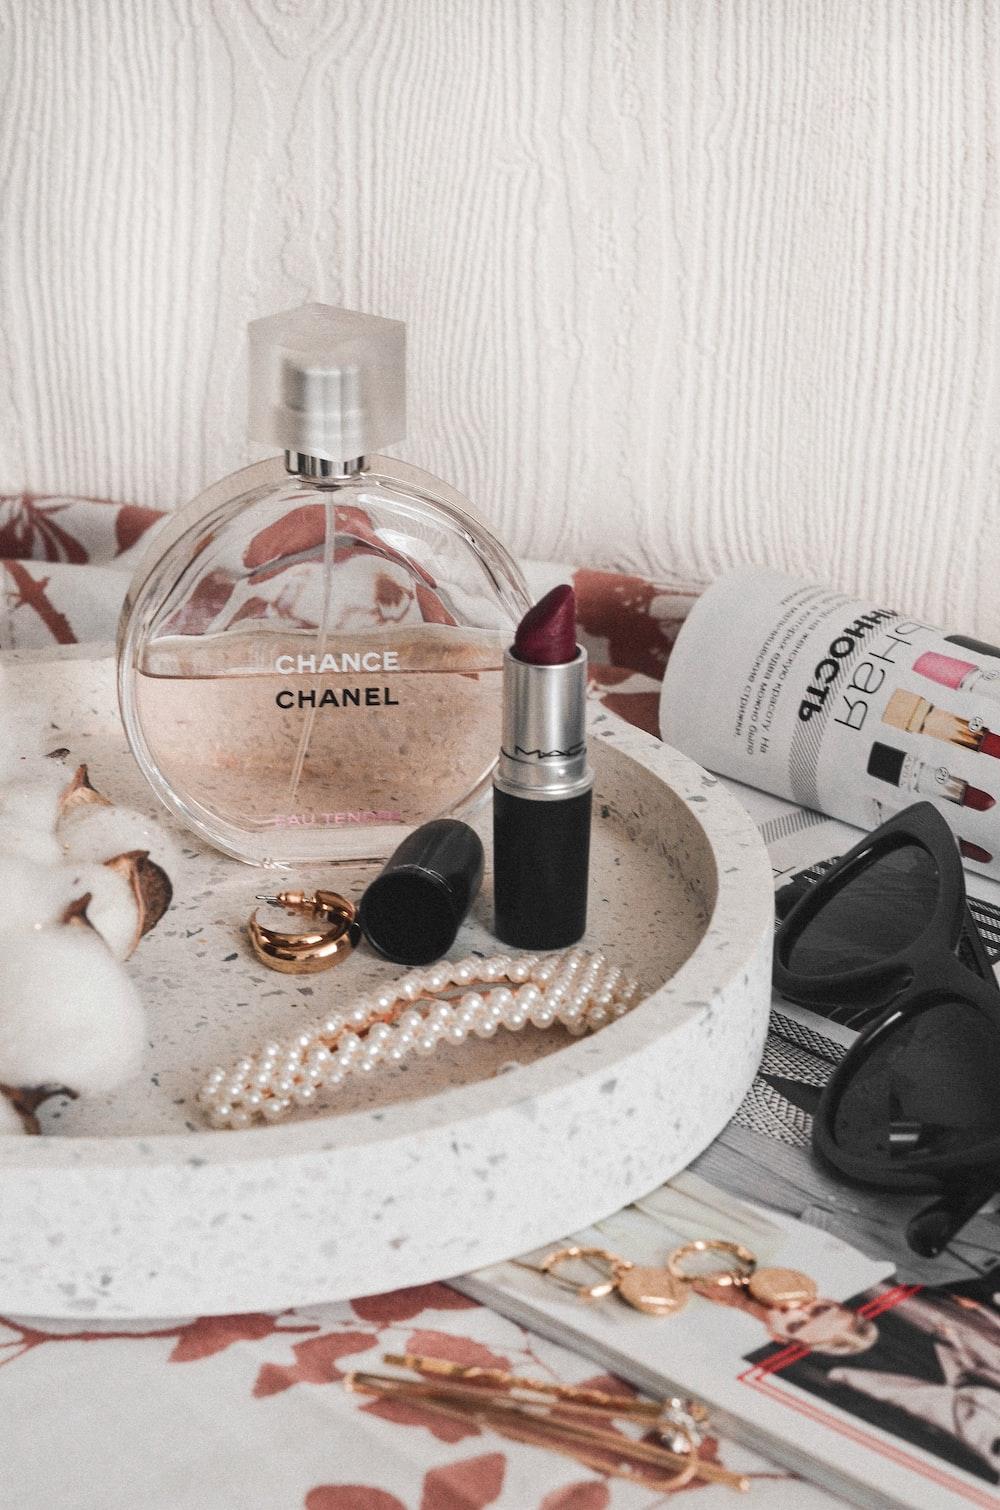 Chanel perfume bottle beside maroon lipstick